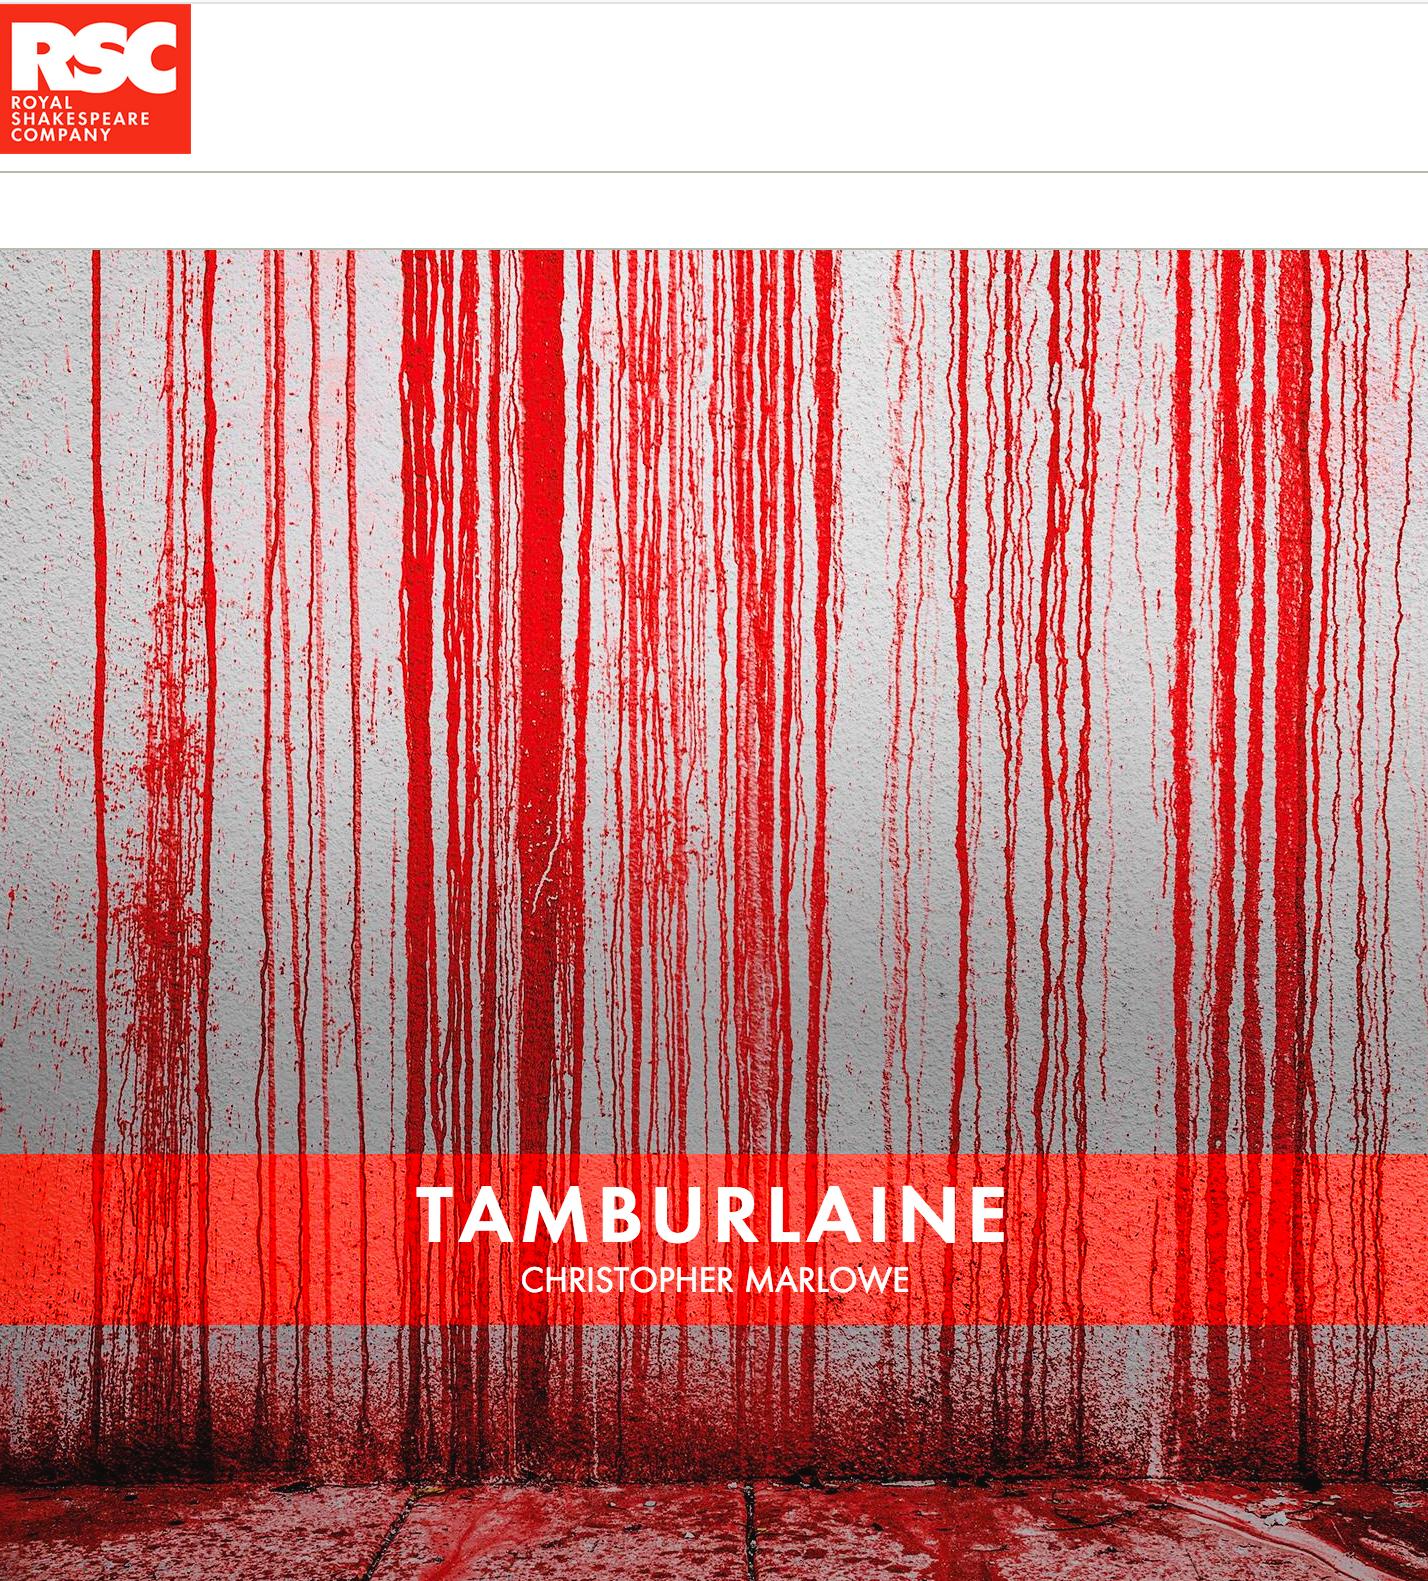 tamburlaine large.jpg